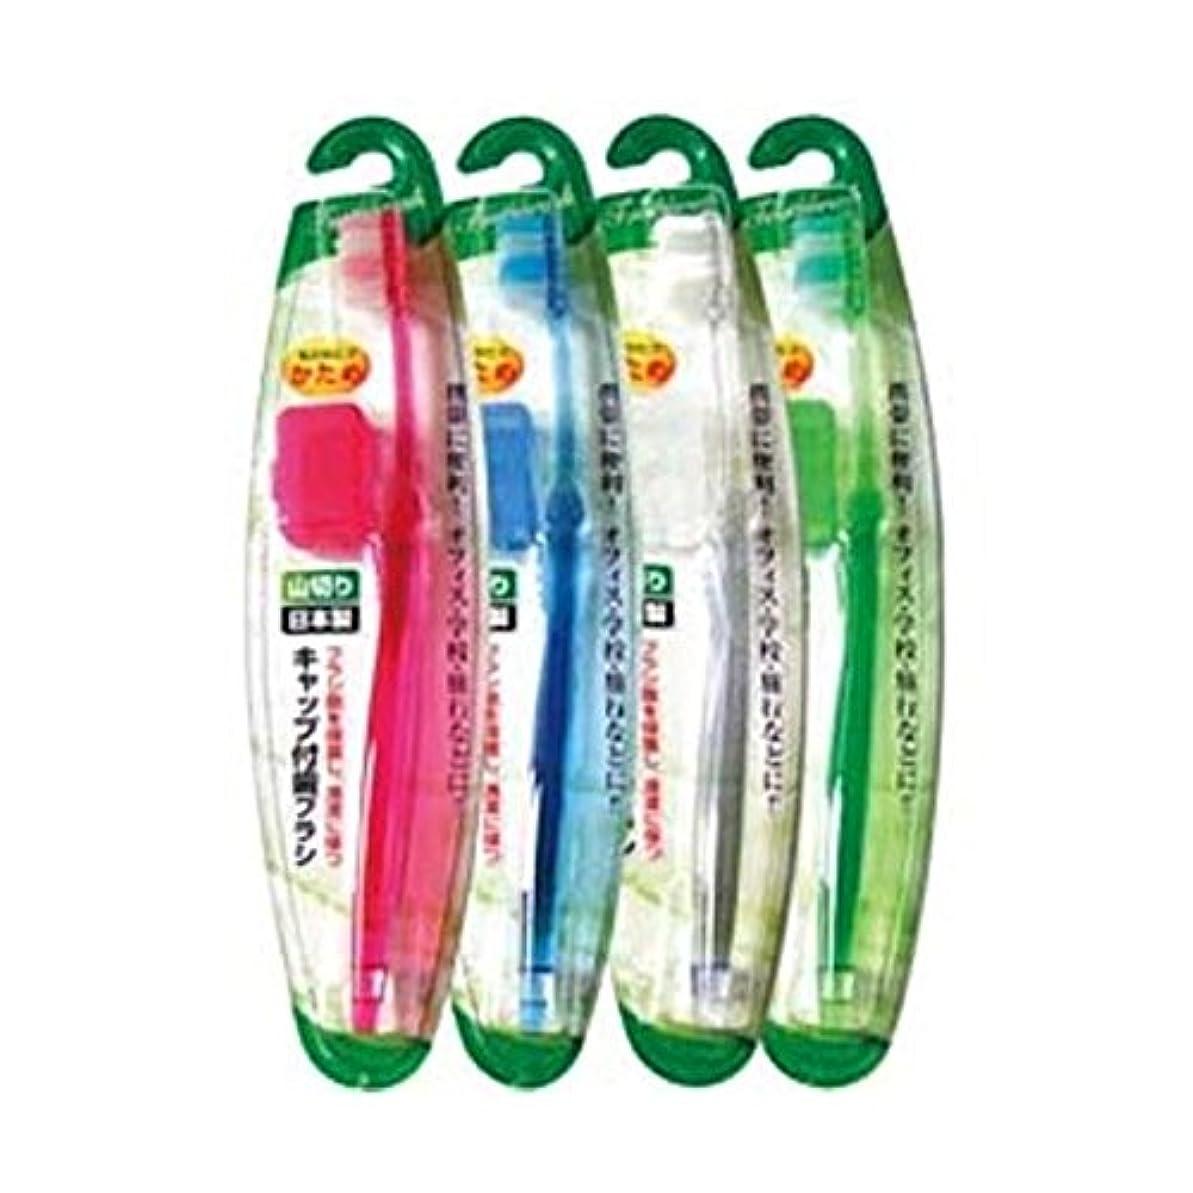 健康用品 キャップ付歯ブラシ山切りカット(かため)日本製 【12個セット】 41-210